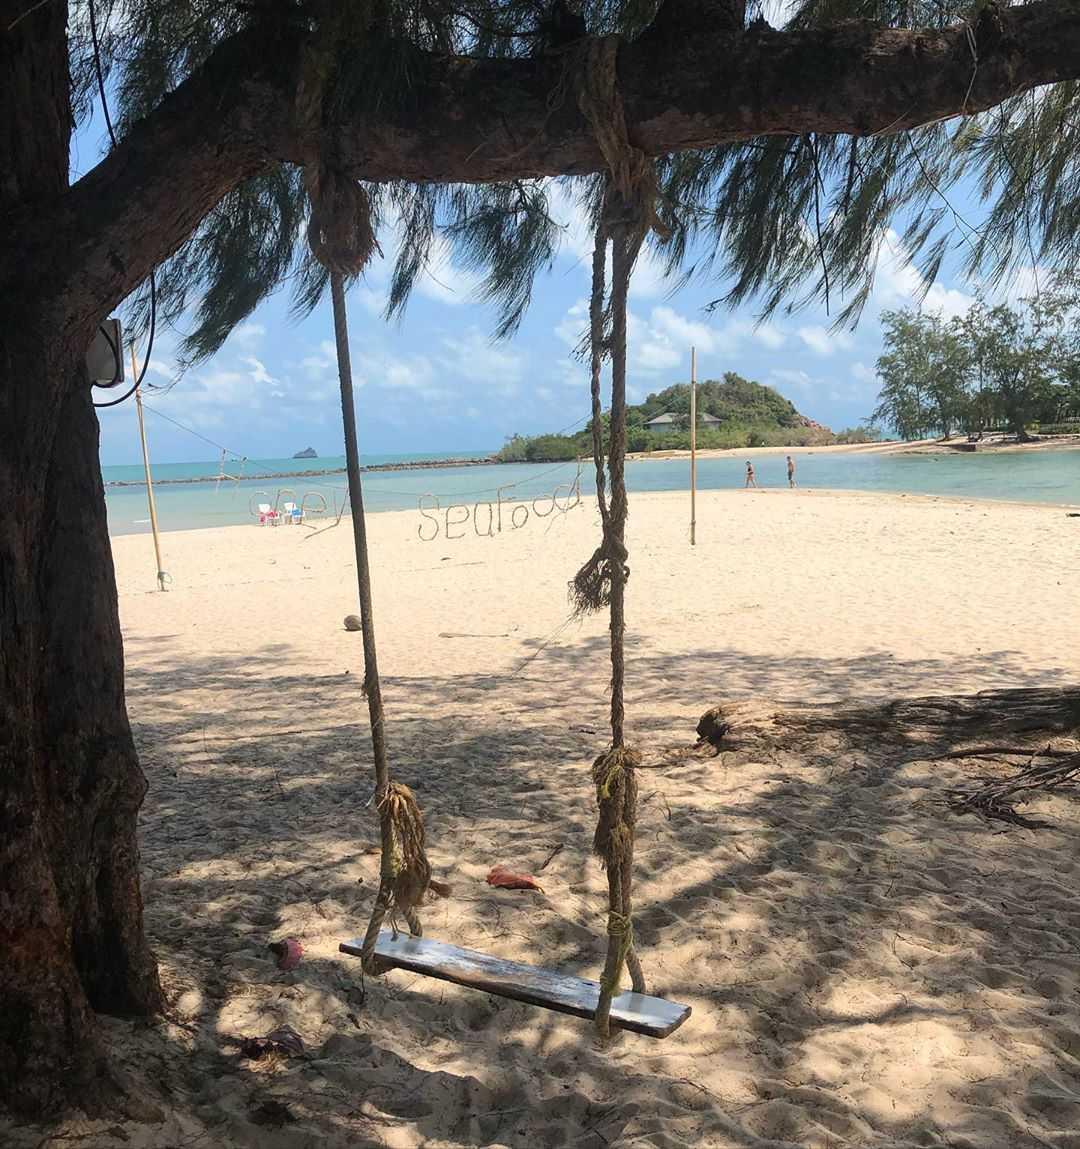 schommel op een strand van koh samui